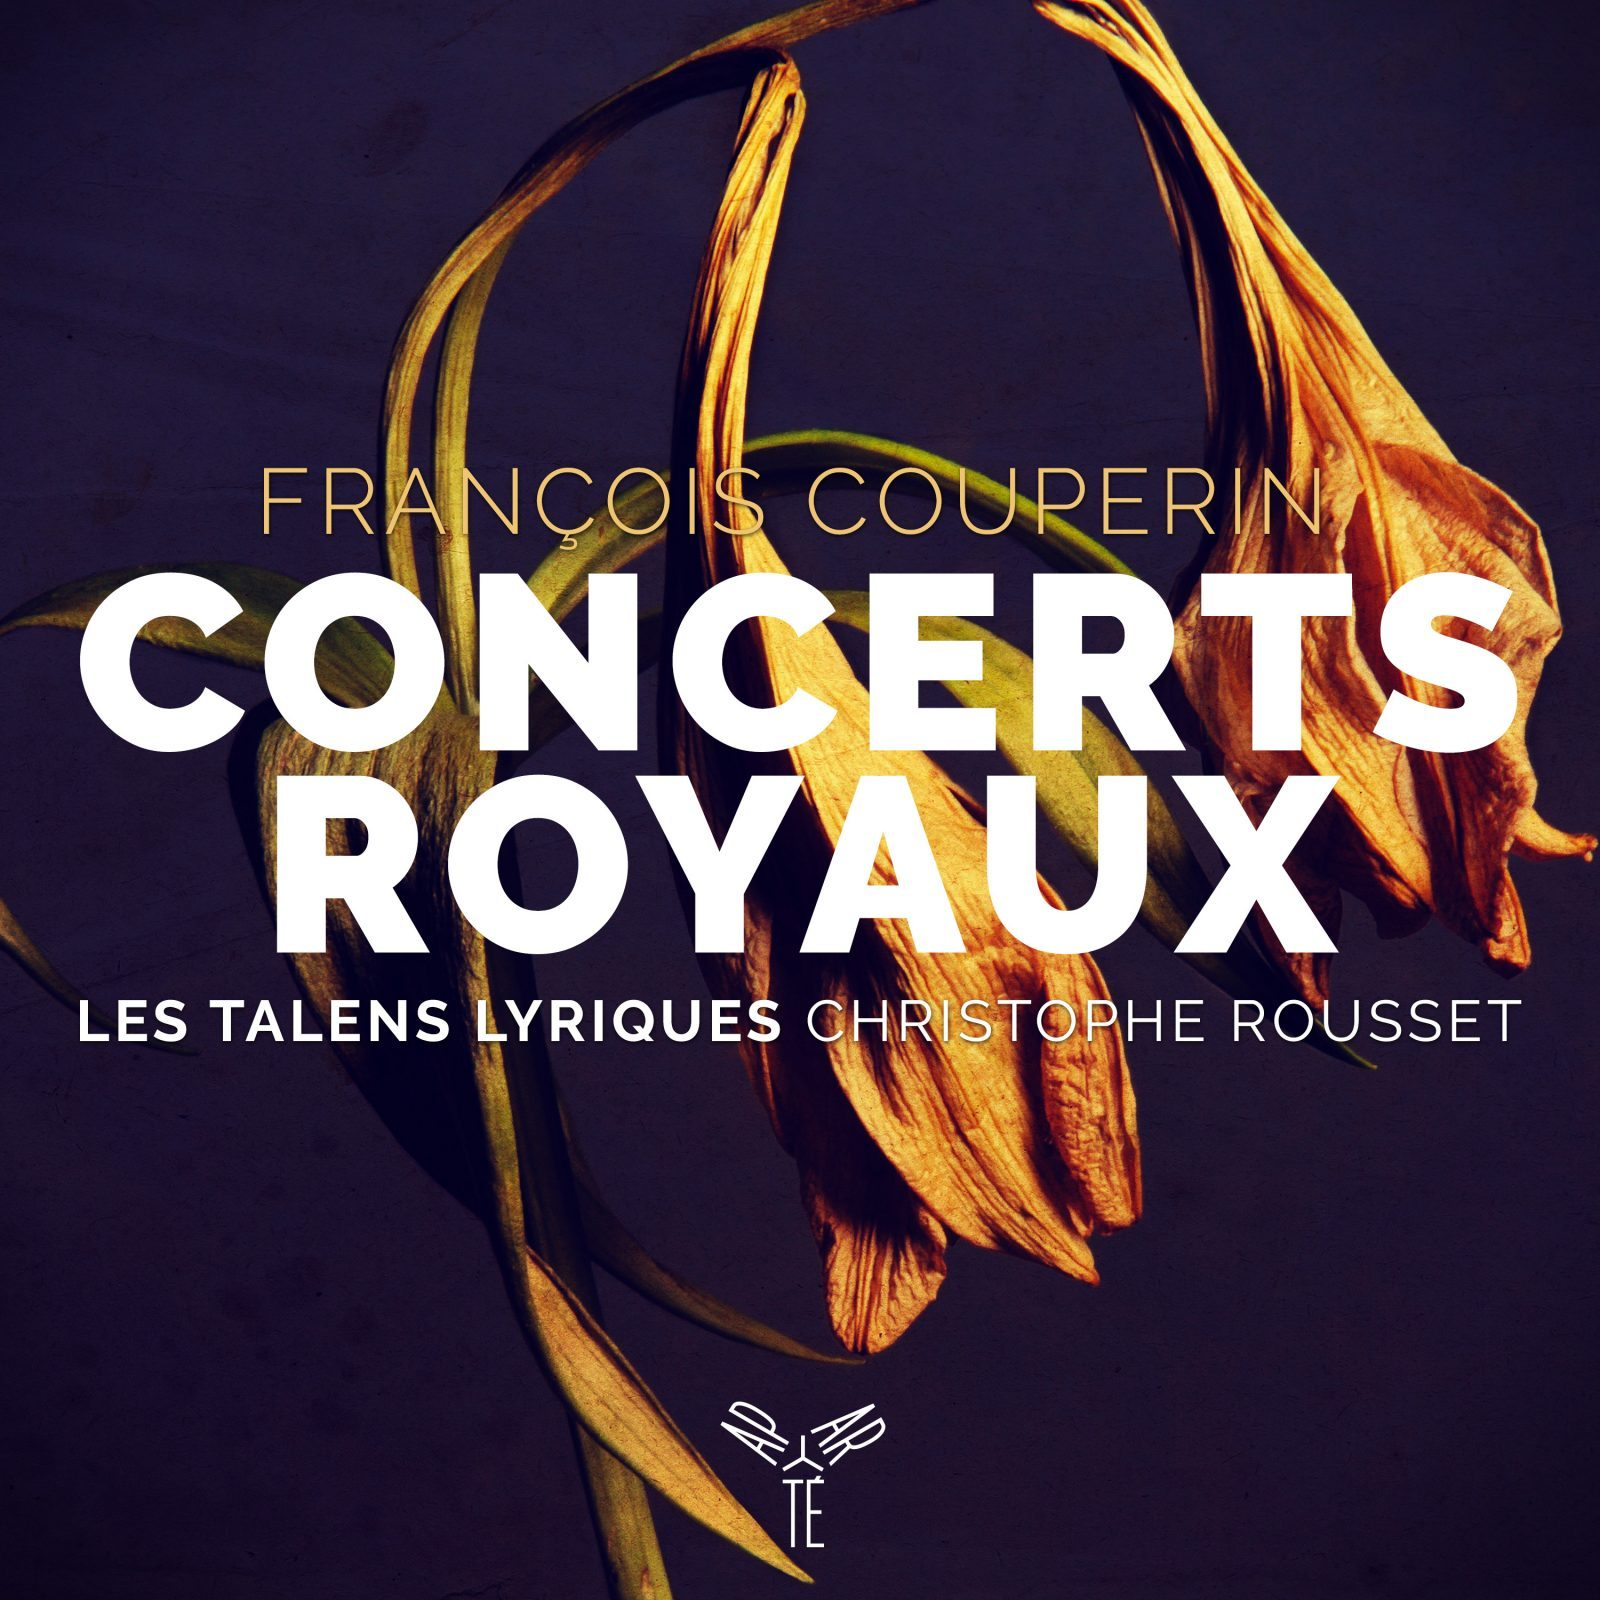 Couperin: Les Concerts Royaux